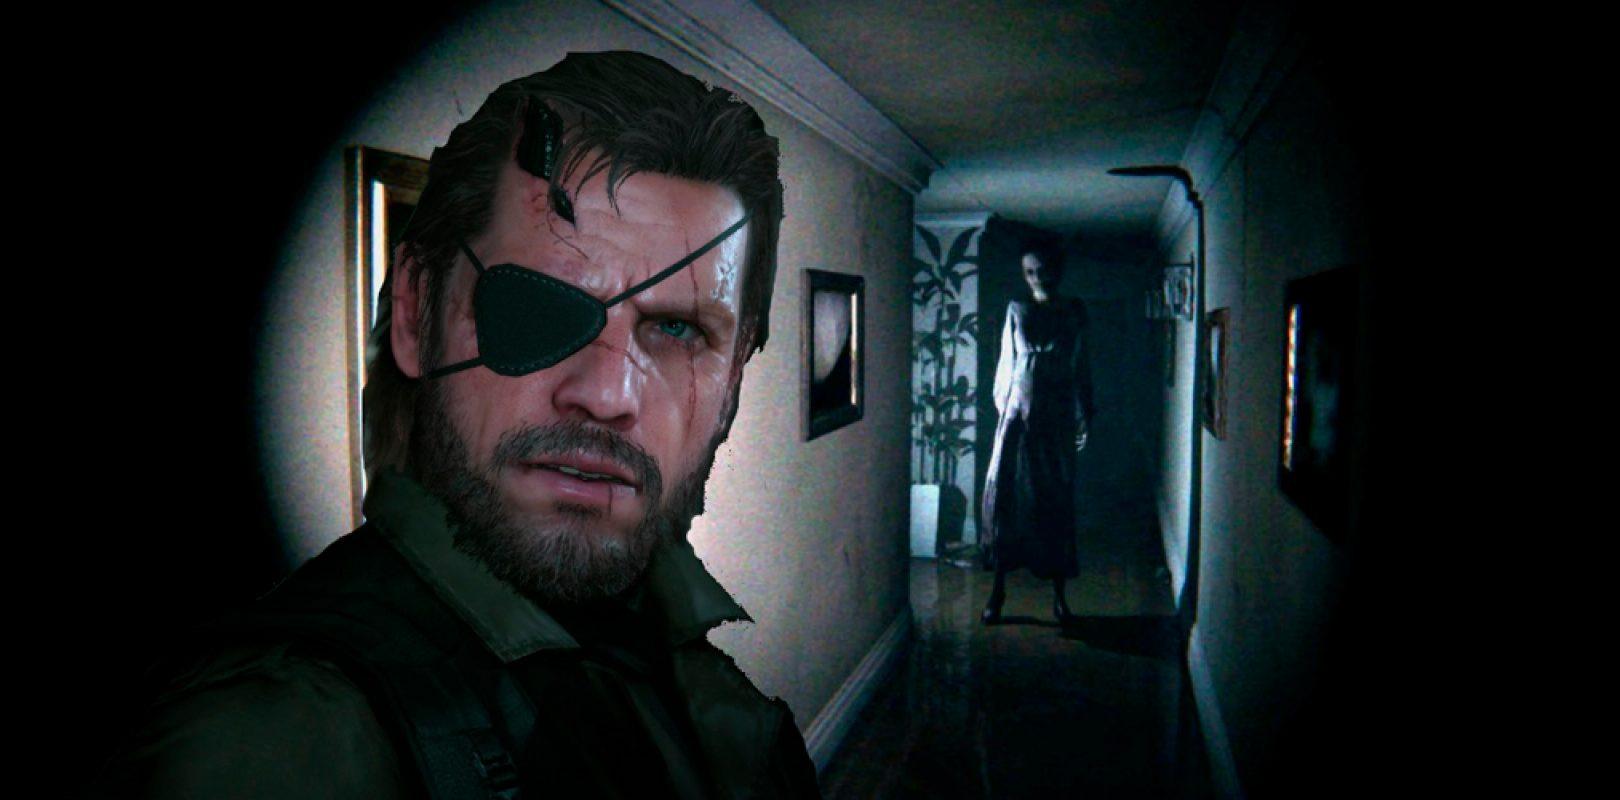 PS5 | Vuelven los rumores de nuevos juegos para Silent Hill y Metal Gear Solid como exclusivas de la consola.